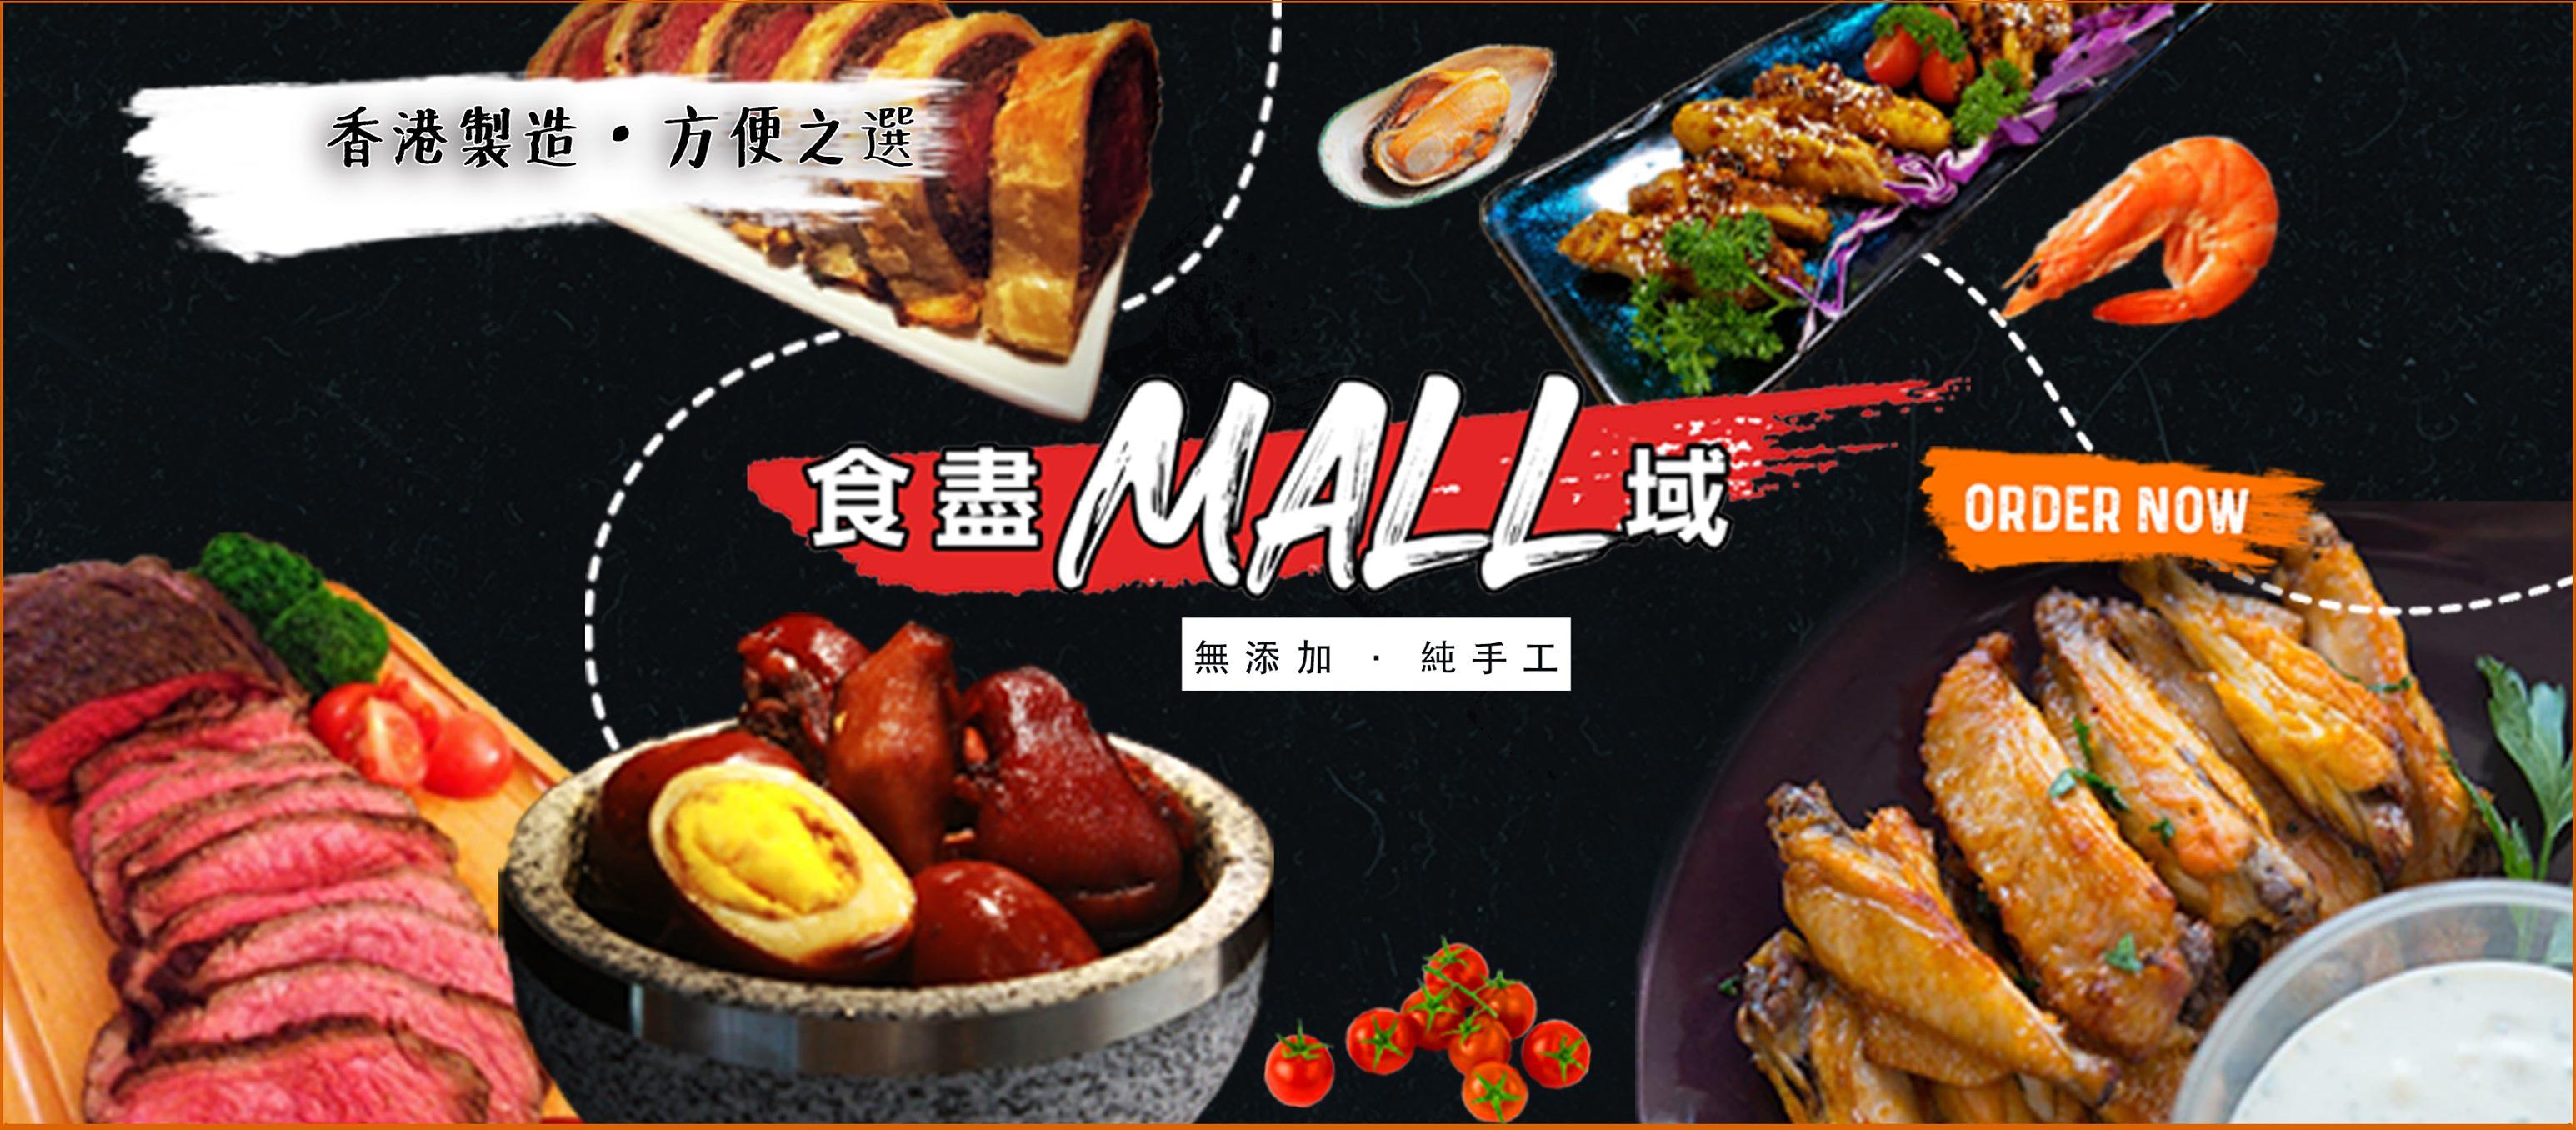 【網上買餸服務】 推介6間新鮮健康餸菜包網購平台 3. 反傳統即食小菜: 「Ch